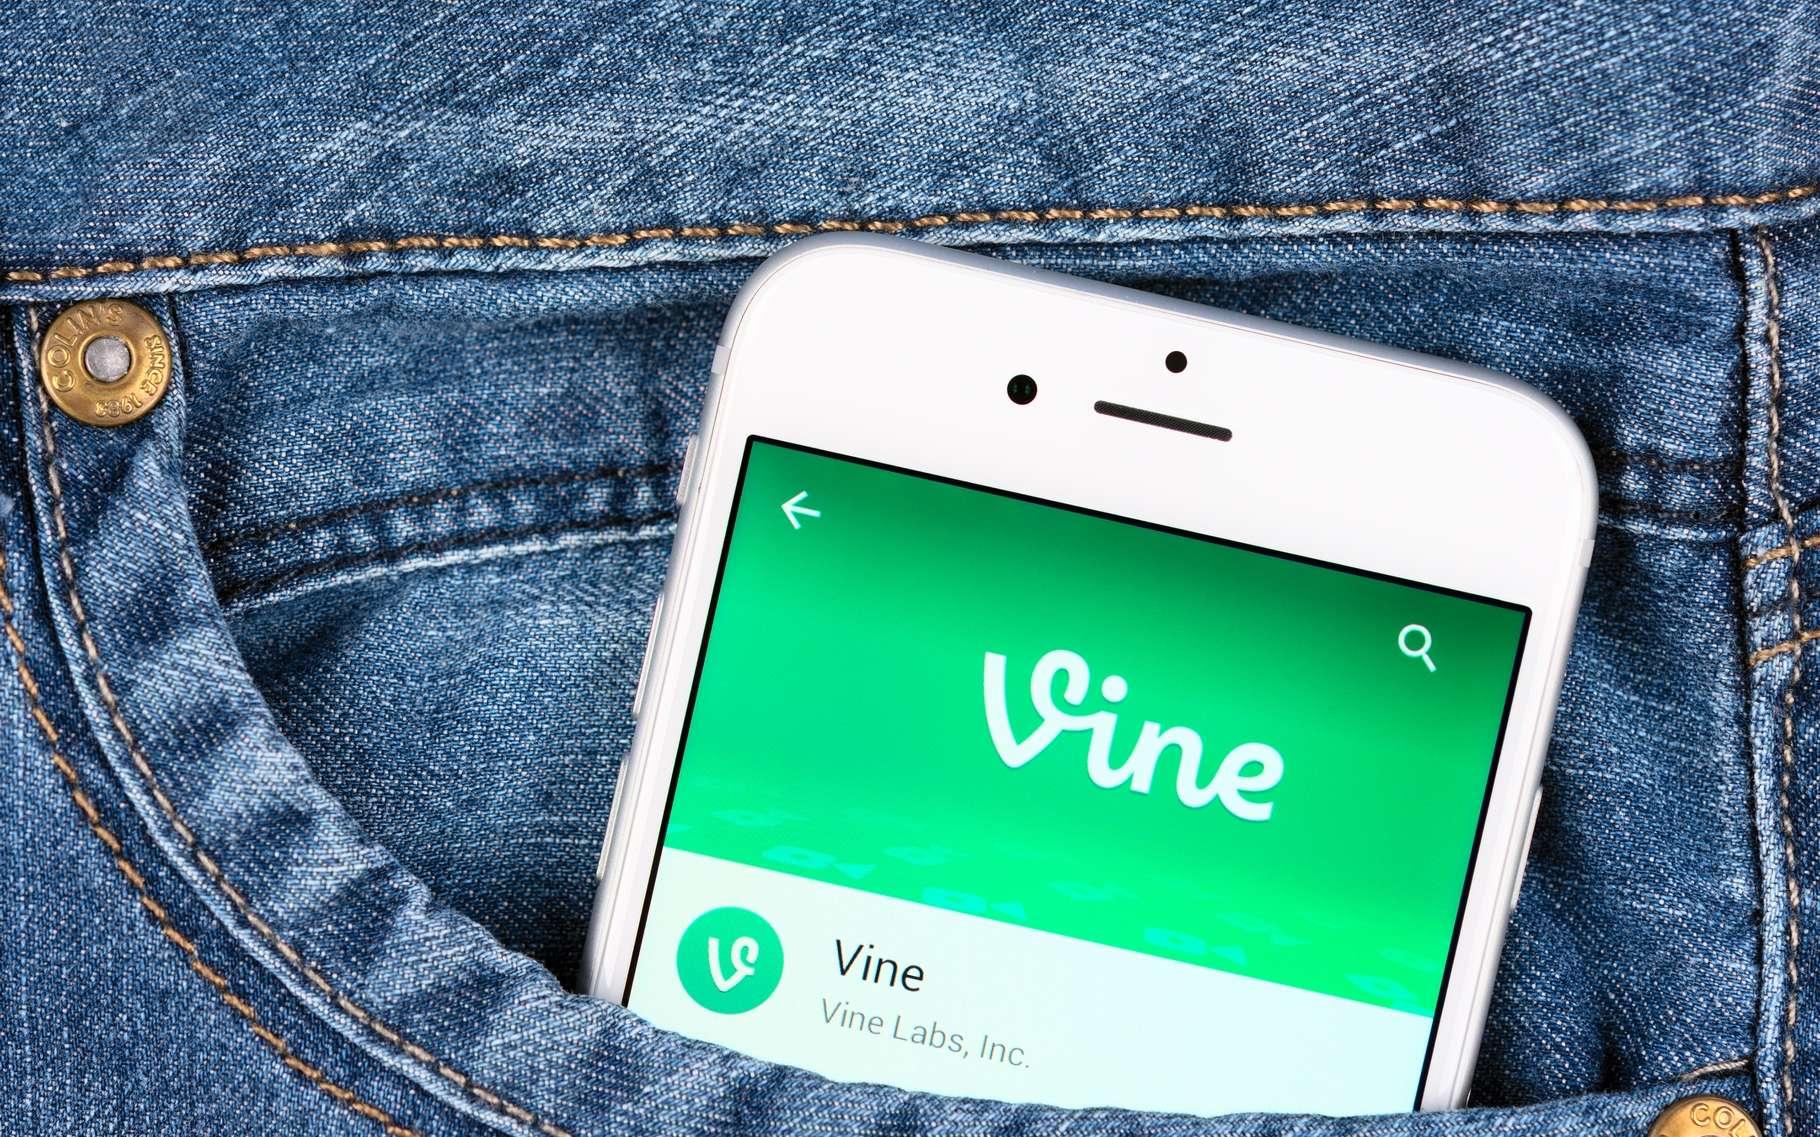 L'application Vine est disponible sur Android, iOS et Windows Phone. © Yeamake, Shutterstock